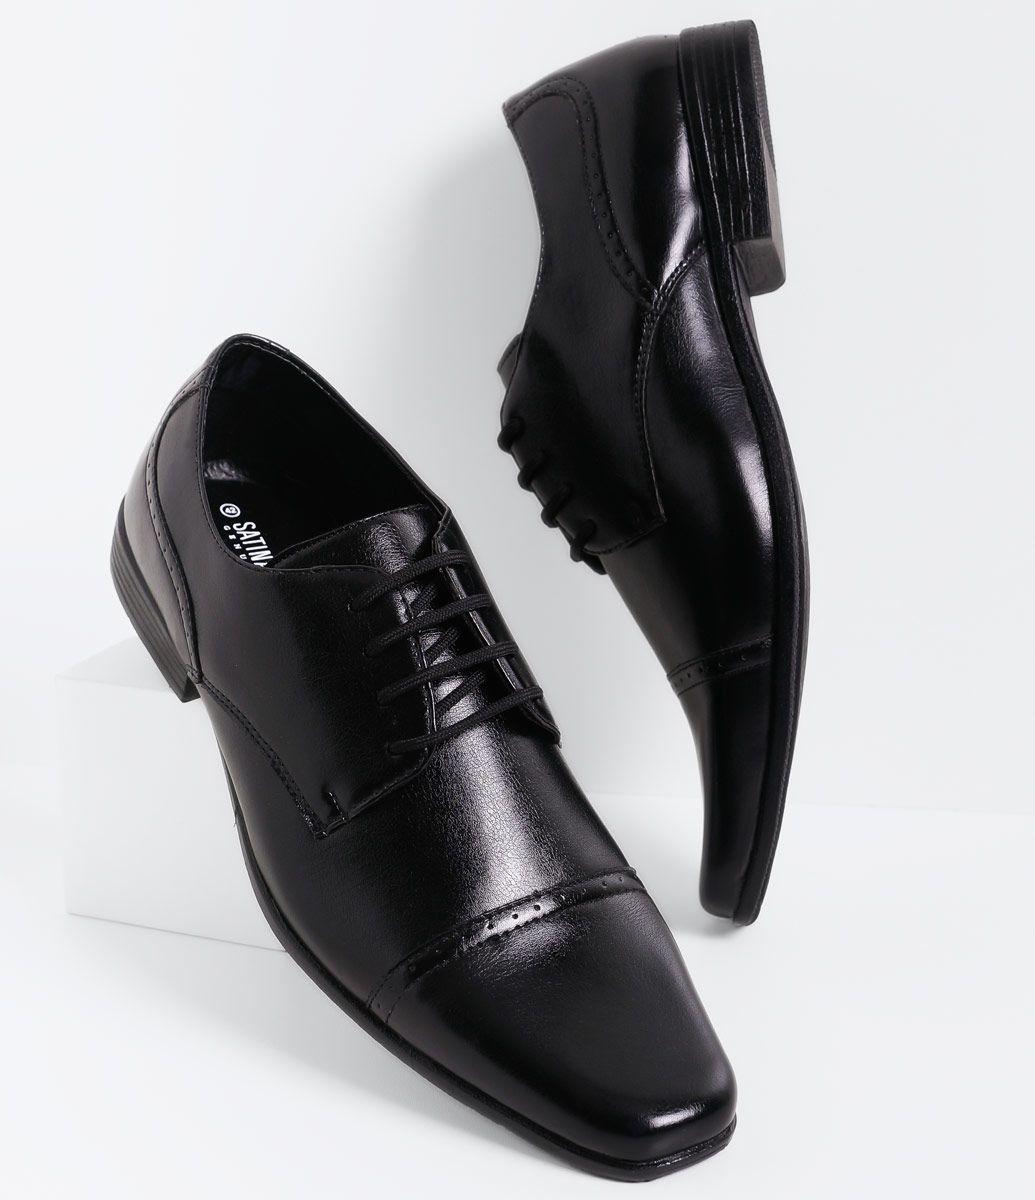 e94fc7d4a5 Sapato masculino Material  sintético Modelo social Marca  Satinato Genuine  COLEÇÃO VERÃO 2016 Veja outras opções de sapatos masculinos.